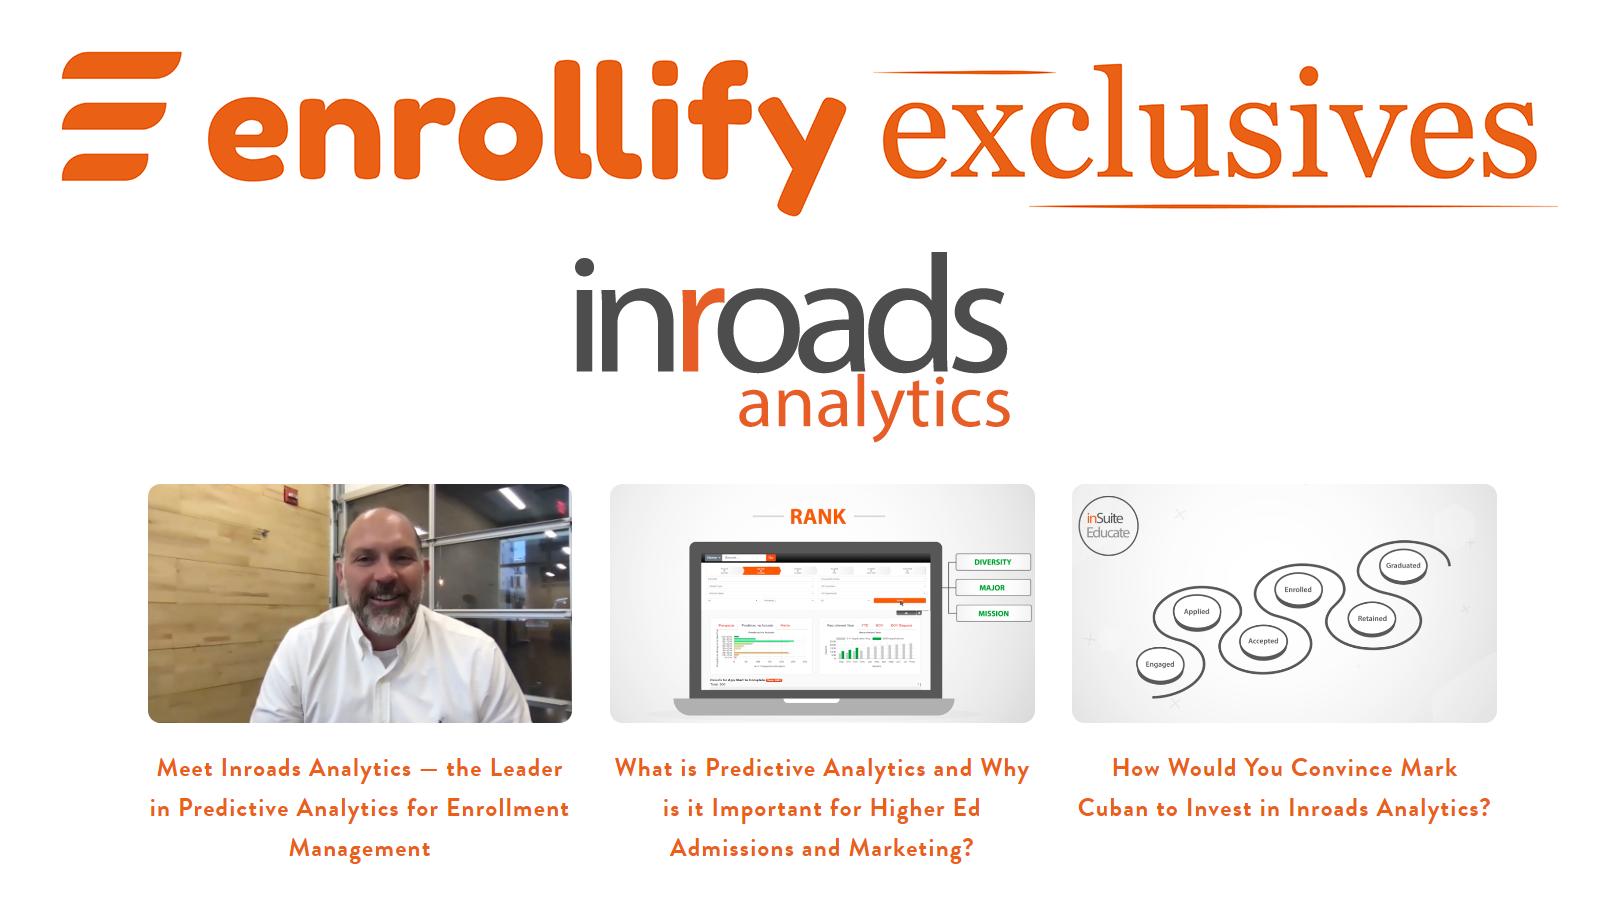 Meet Inroads Analytics